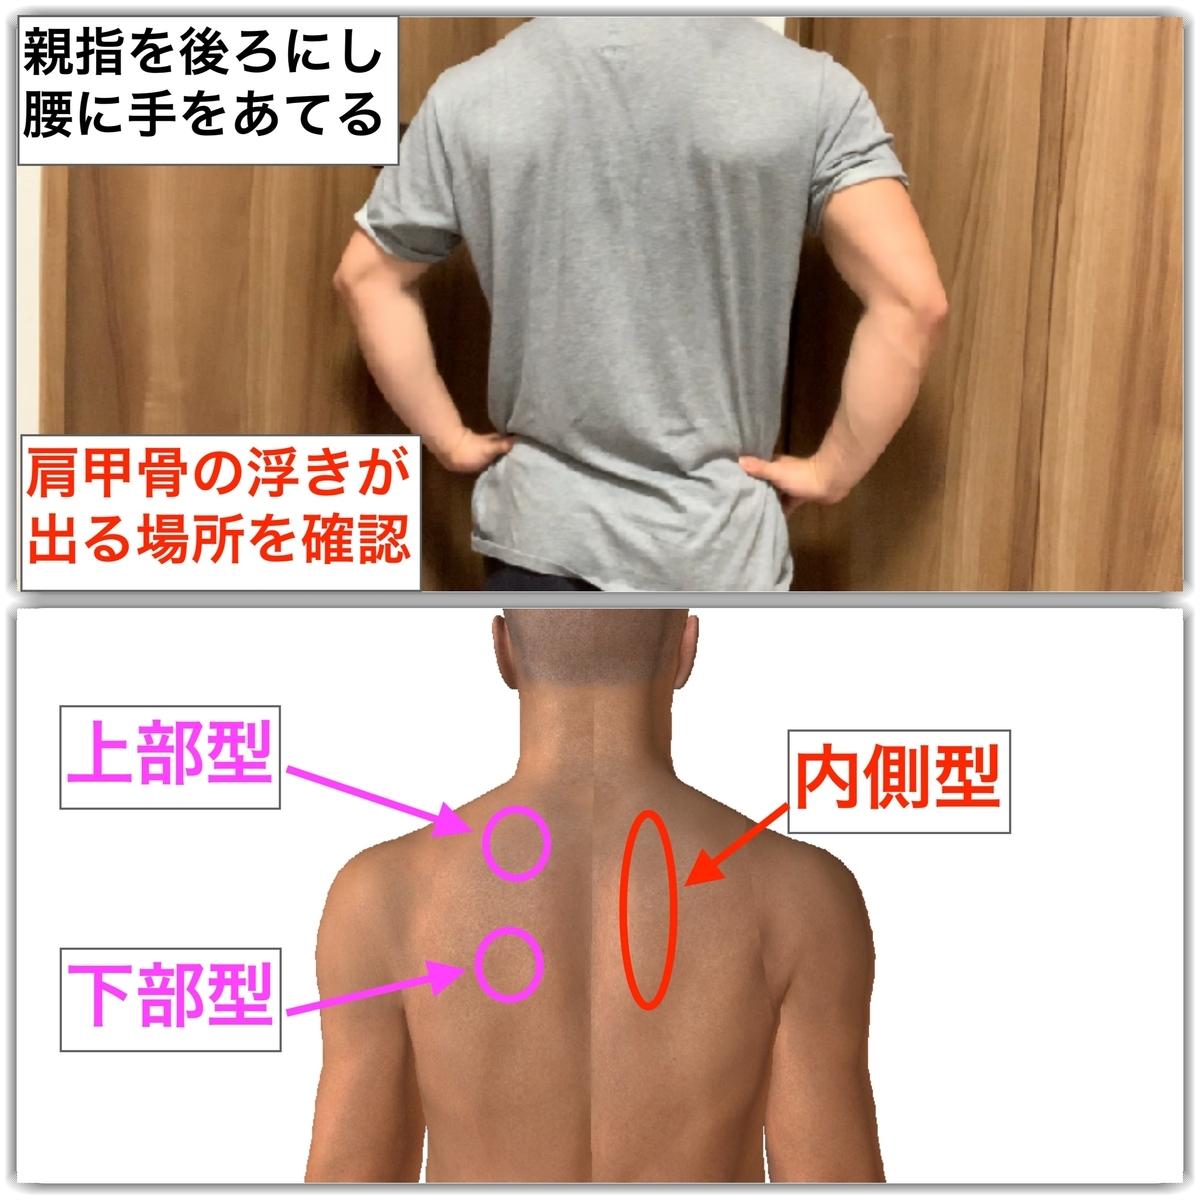 f:id:health--life:20190522115517j:plain